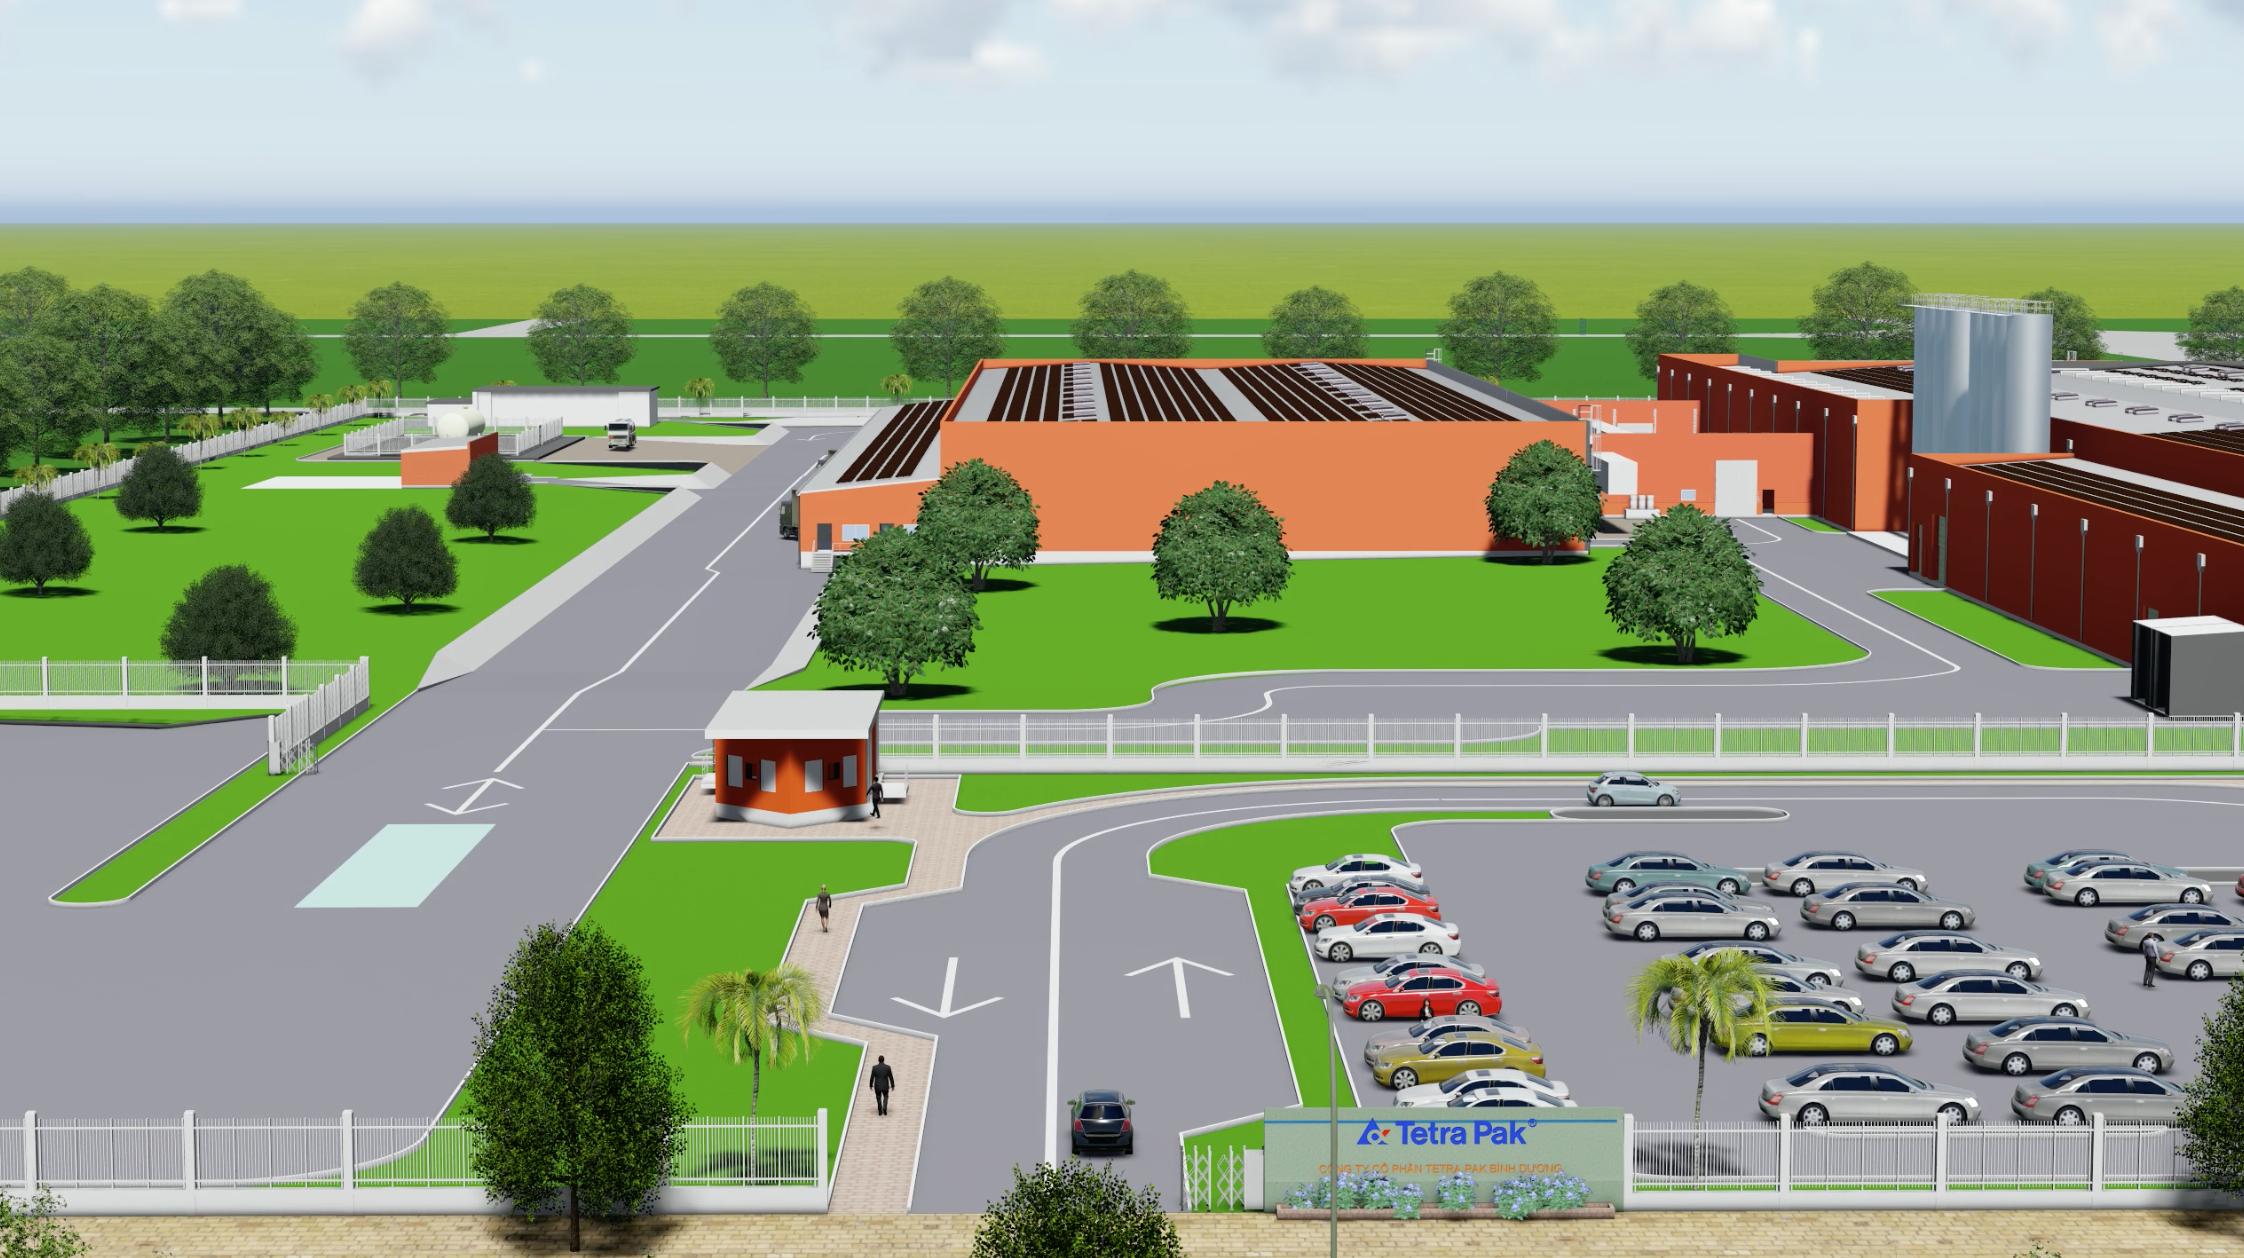 Tetra Pak breaks ground on new $110 million factory in Binh Duong